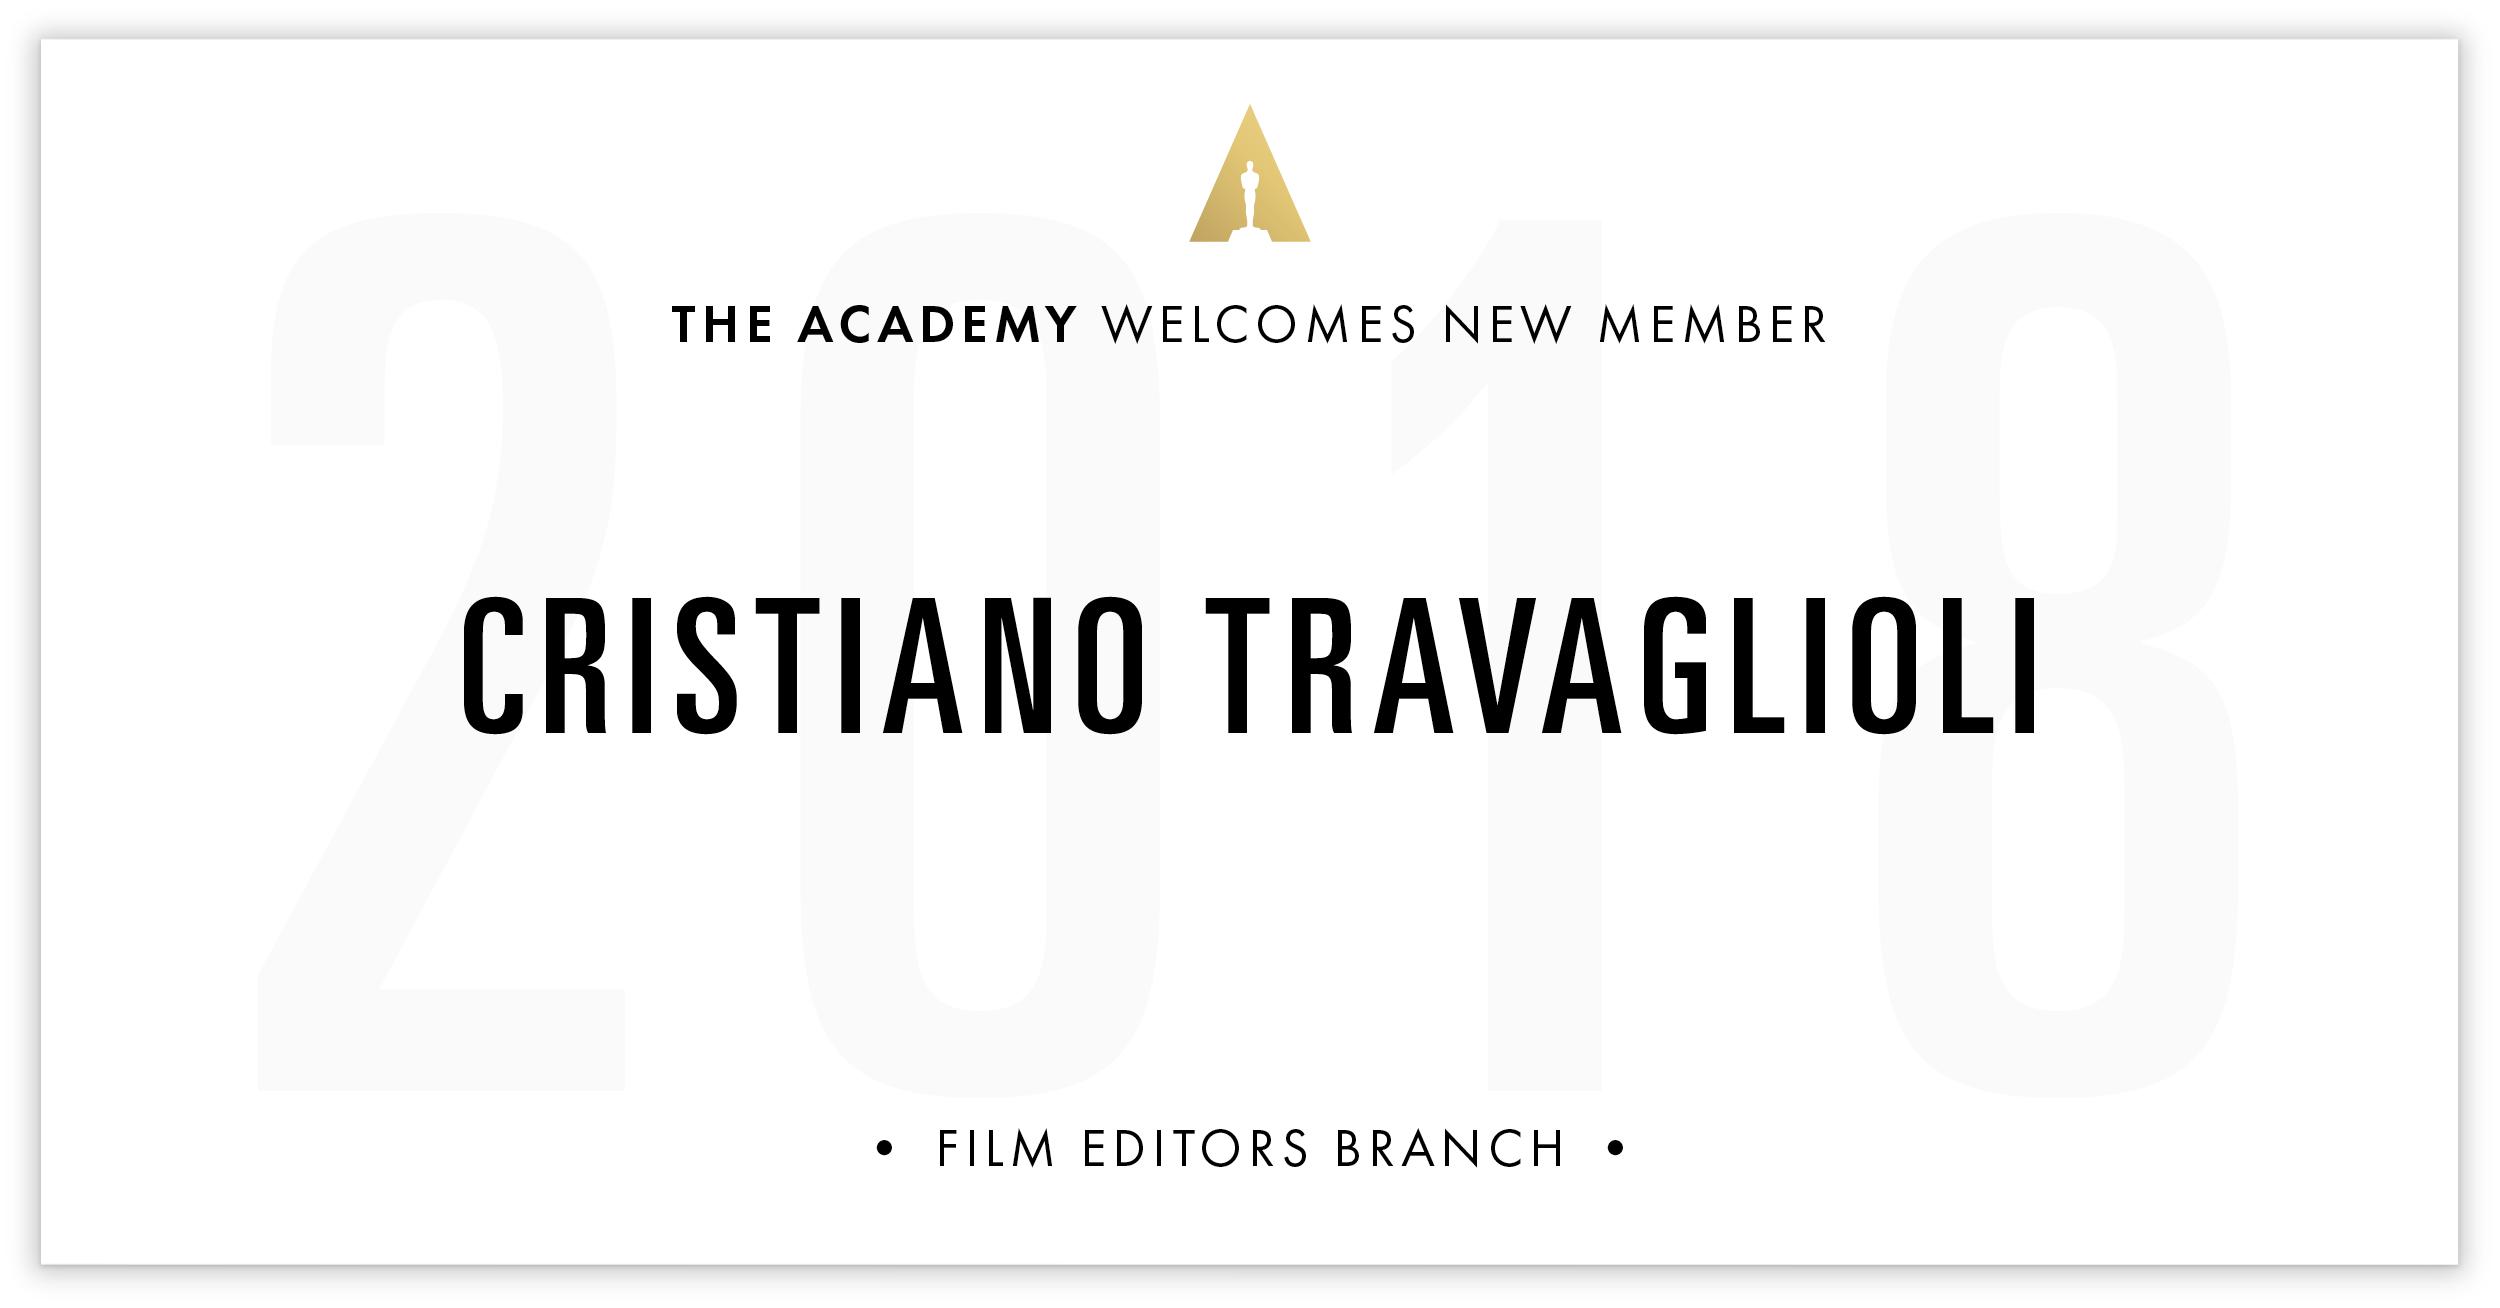 Cristiano Travaglioli is invited!